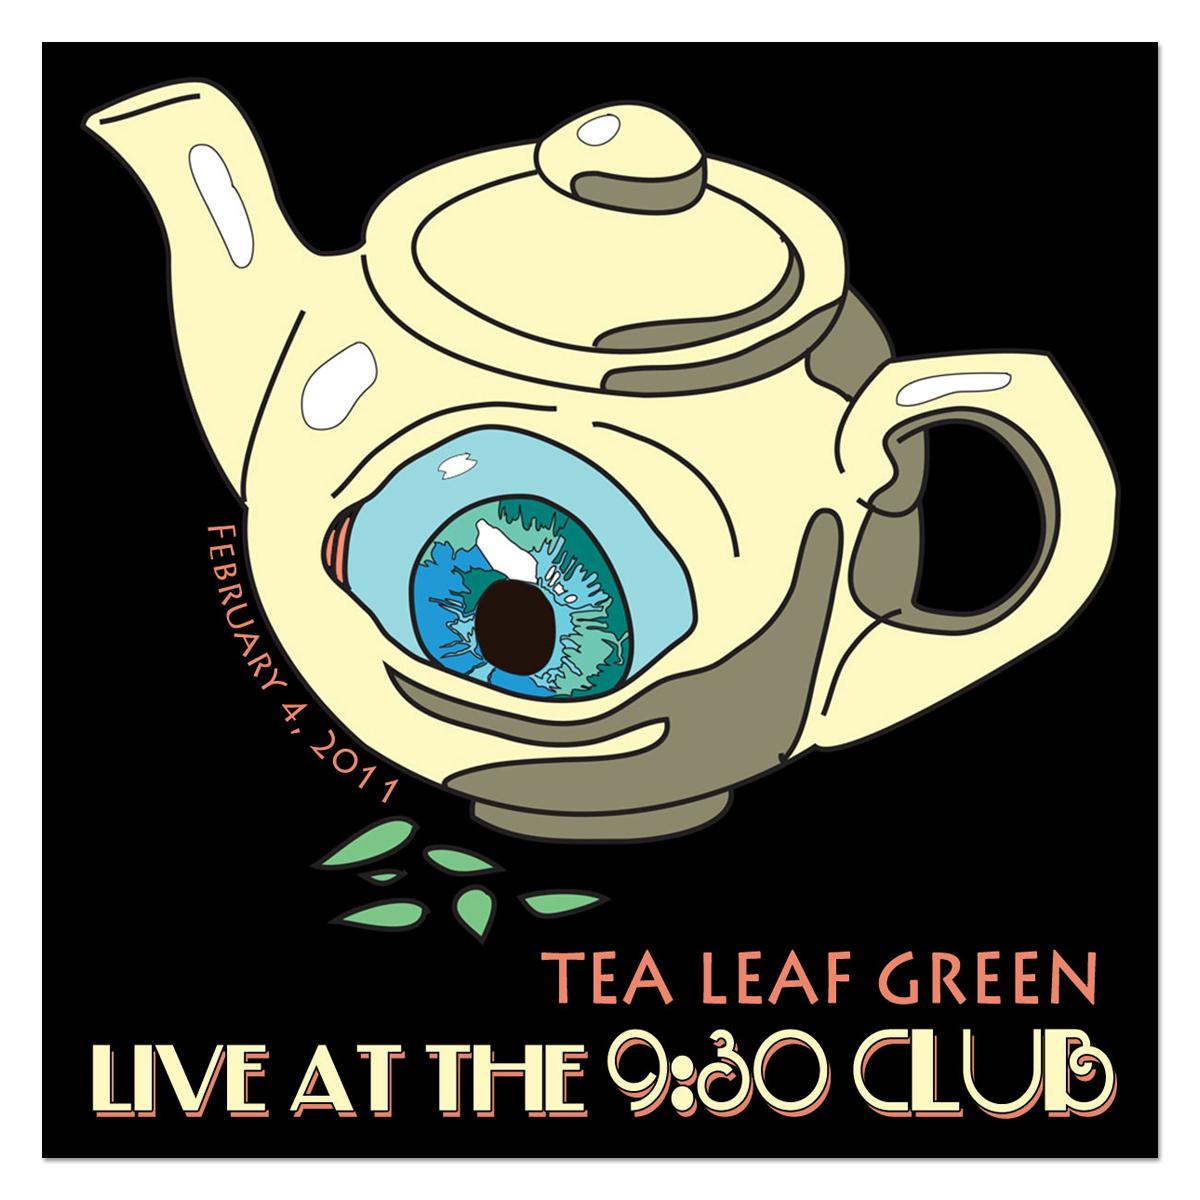 9:30 Club, Washington, DC - 2/4/2011